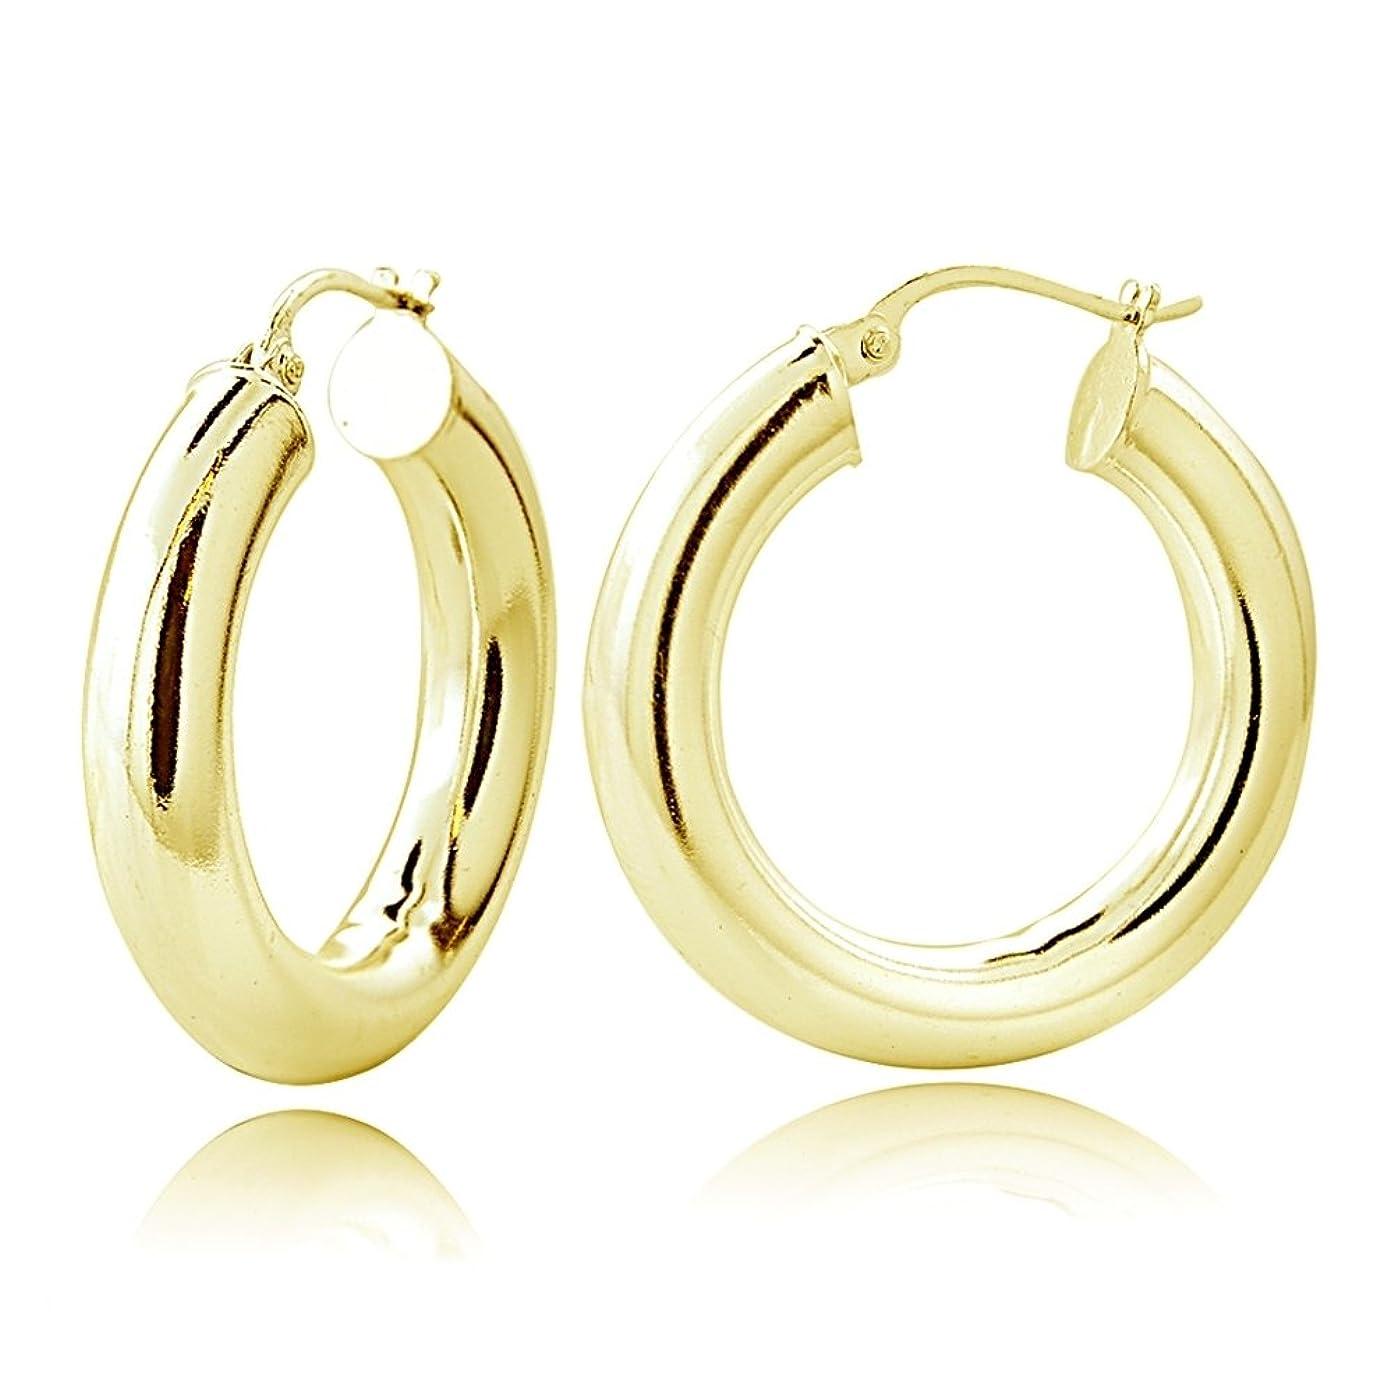 Hoops & Loops Sterling Silver 5mm High Polished Medium Round Hoop Earrings